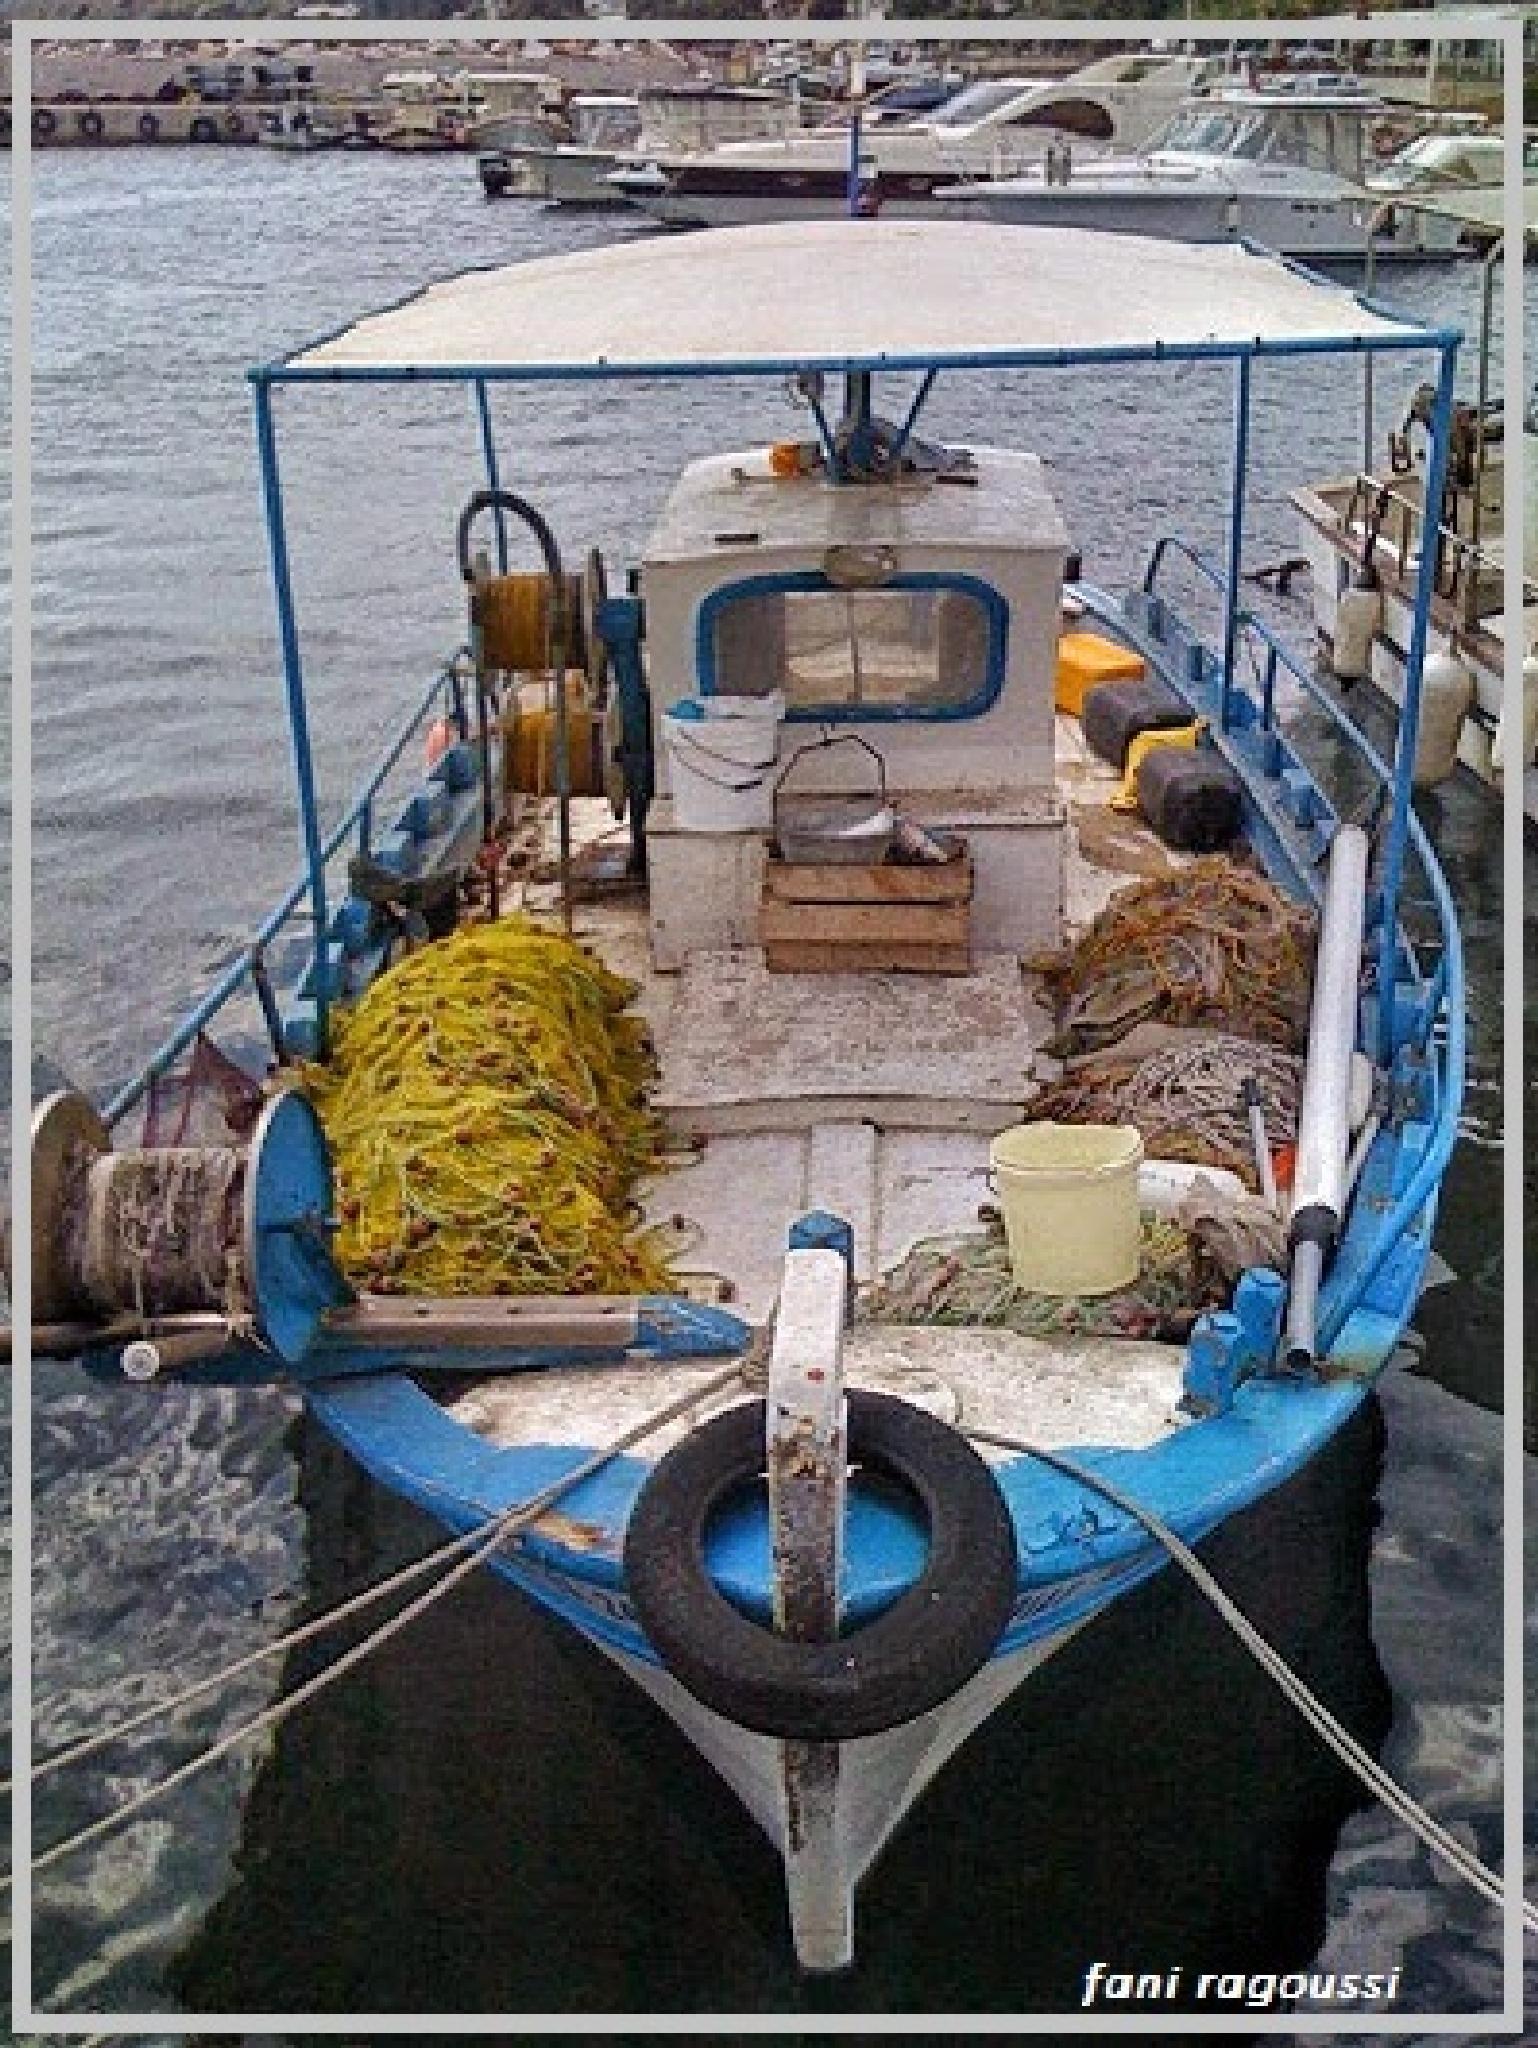 boats by fani ragoussi